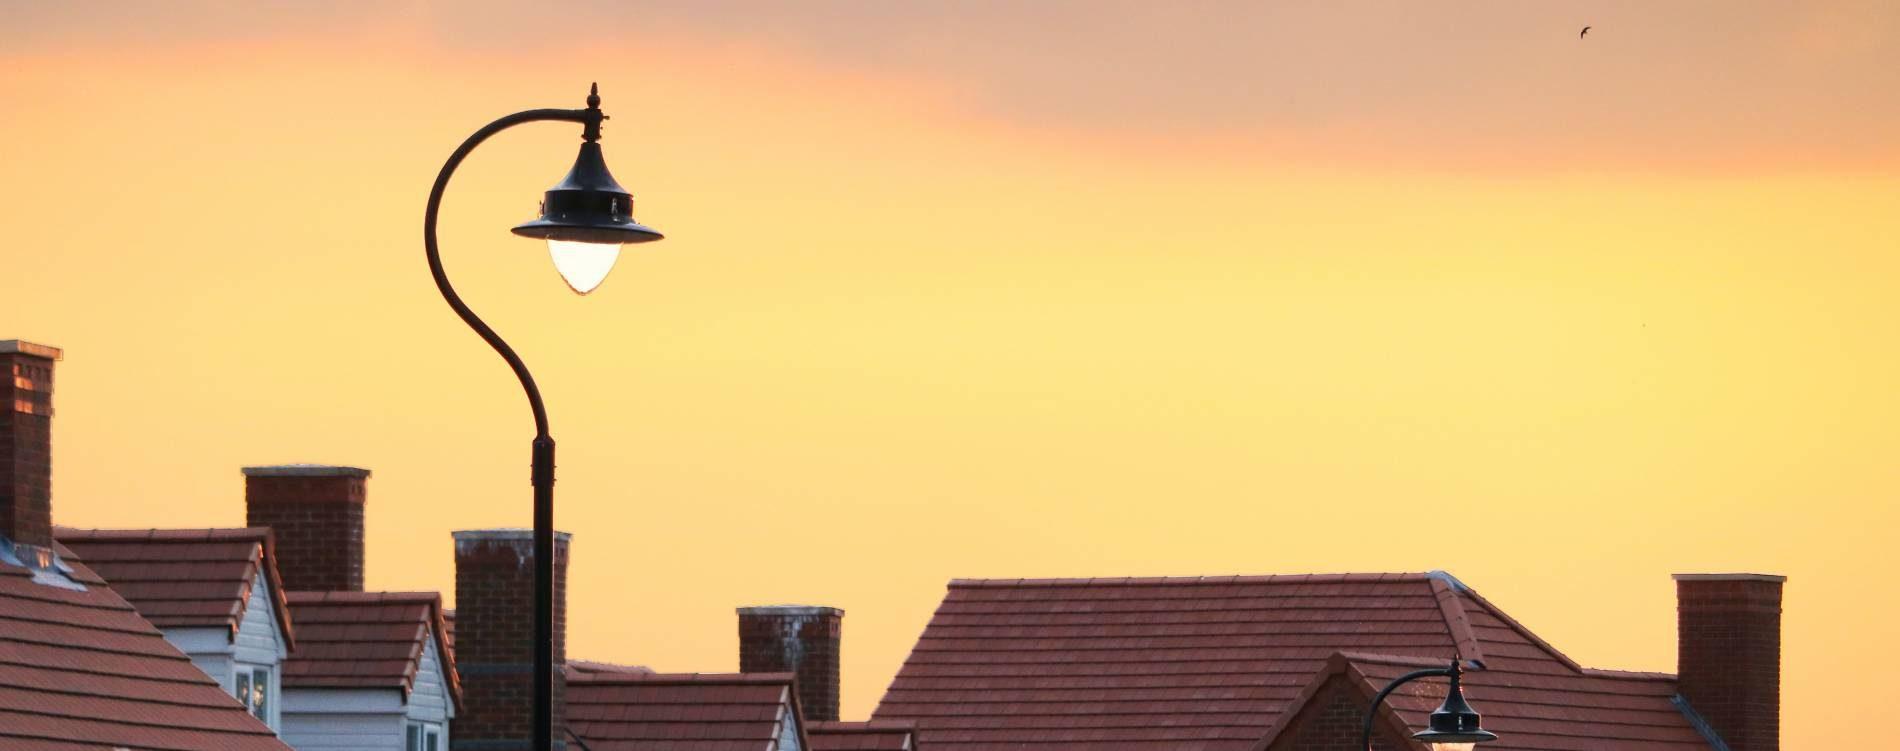 Maisons devant un coucher de soleil